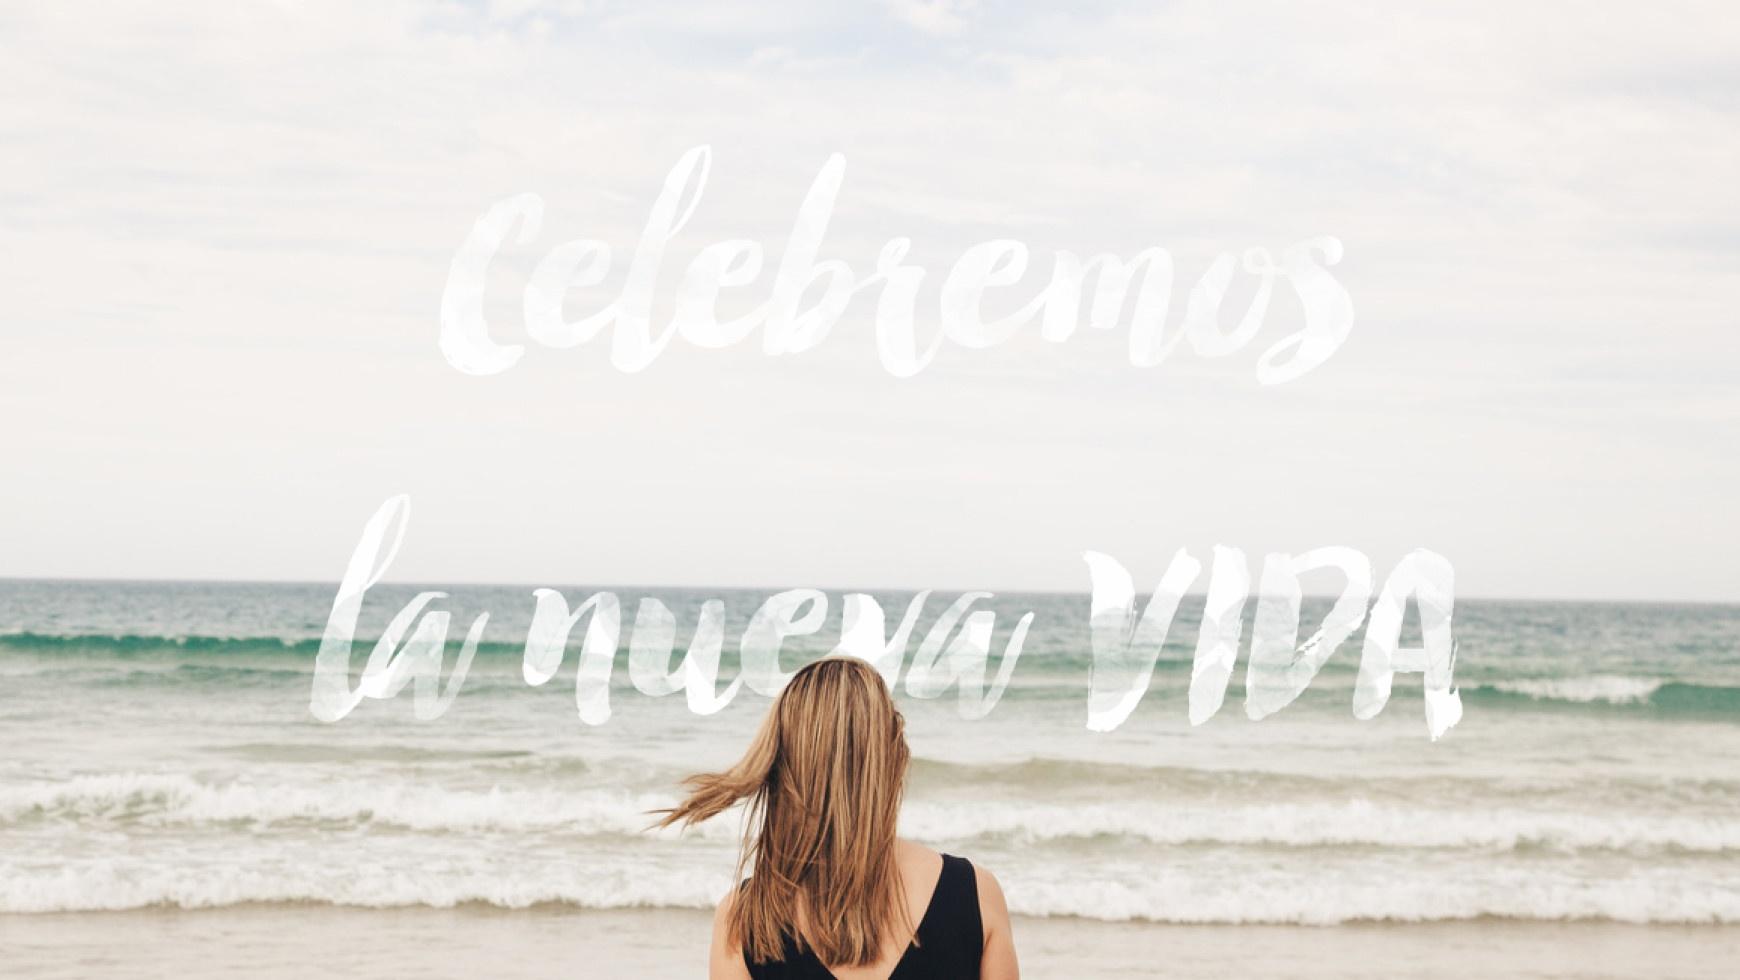 Predicacion: Celebremos la nueva vida (04/10/2015)